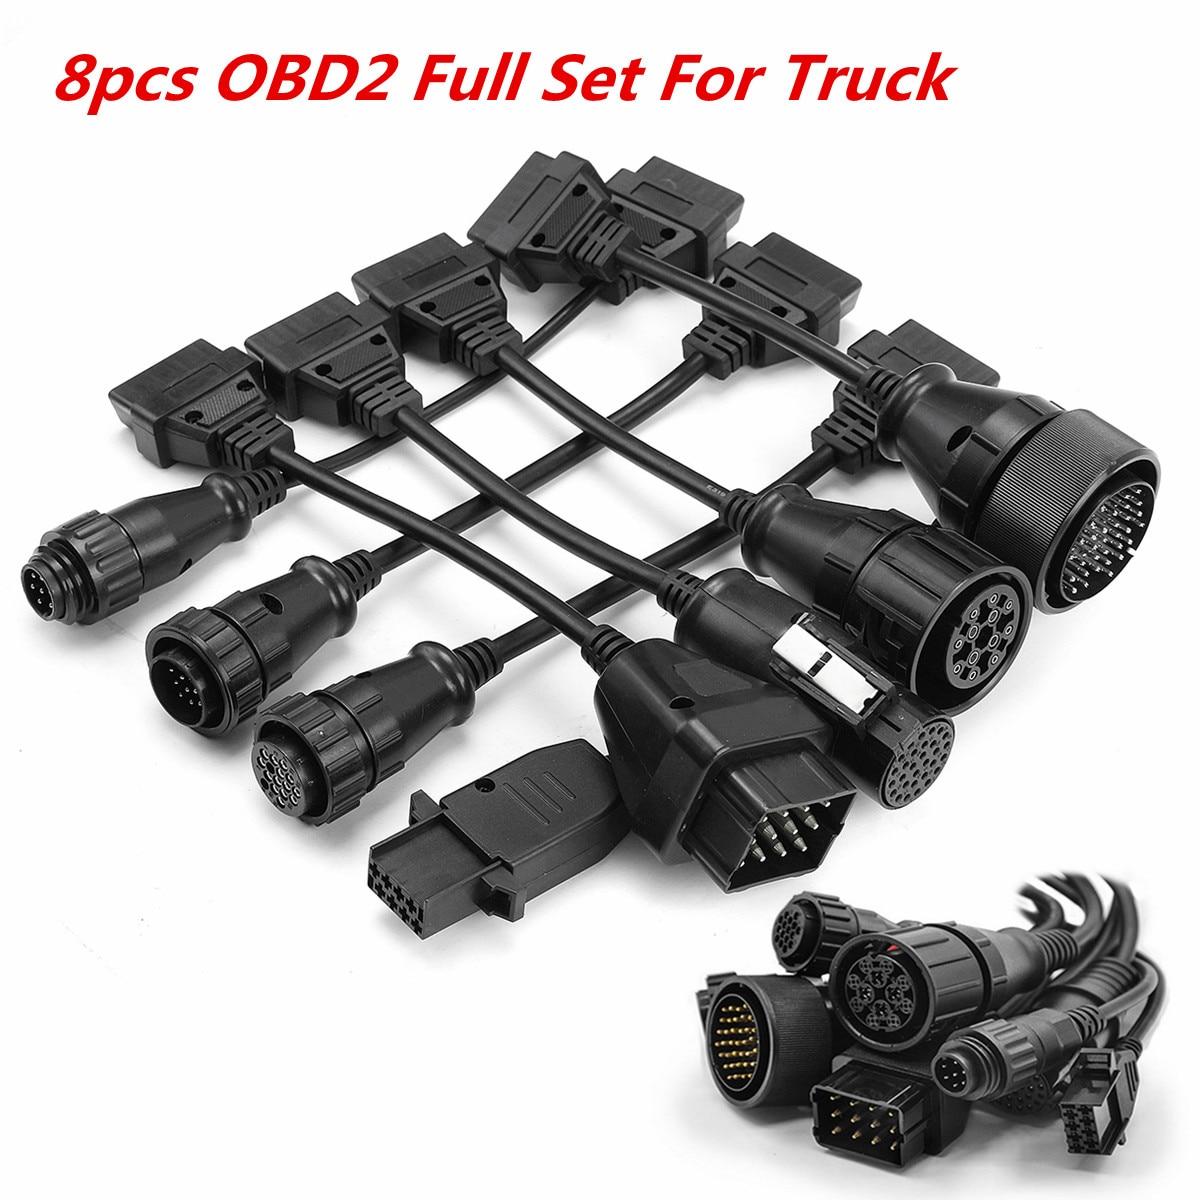 8pcs OBD2 Full Set For Benz / Volvo Truck Cables For AUTOCOM/delphi/ CDP